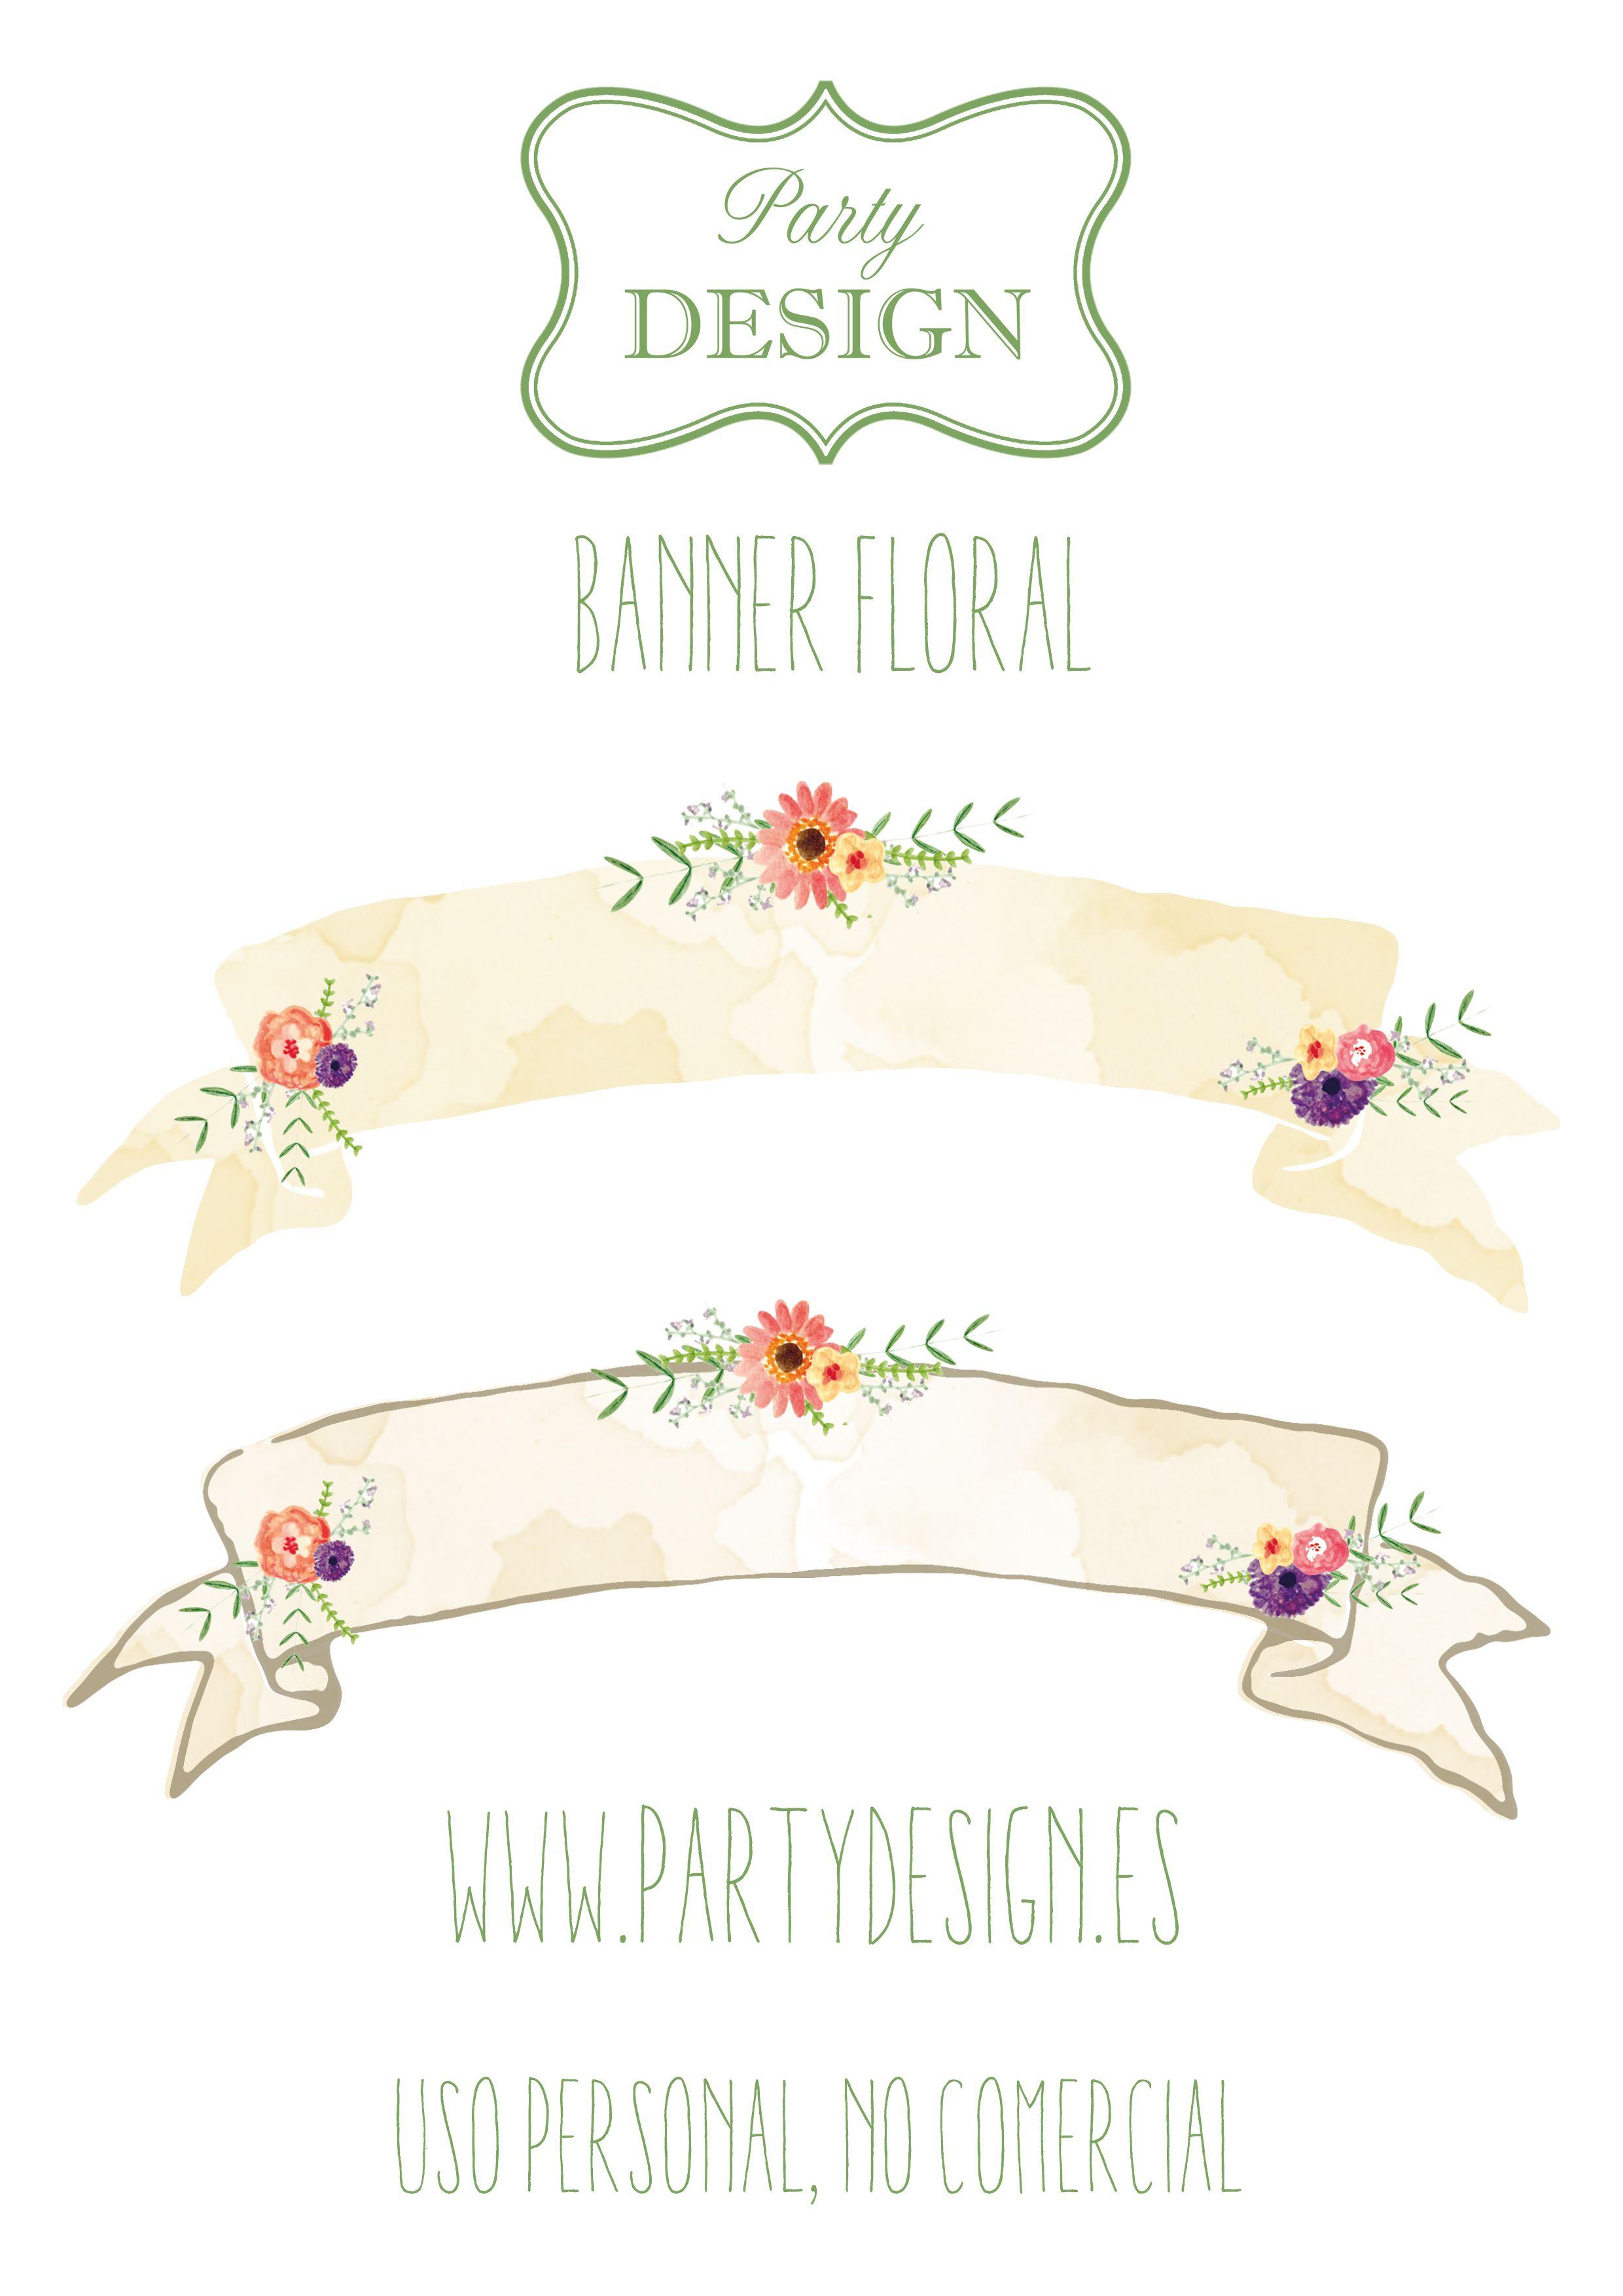 Descarga Gratis Banner Para Decorar Tartas Y Pasteles Printable Free Banner Decorating Cake